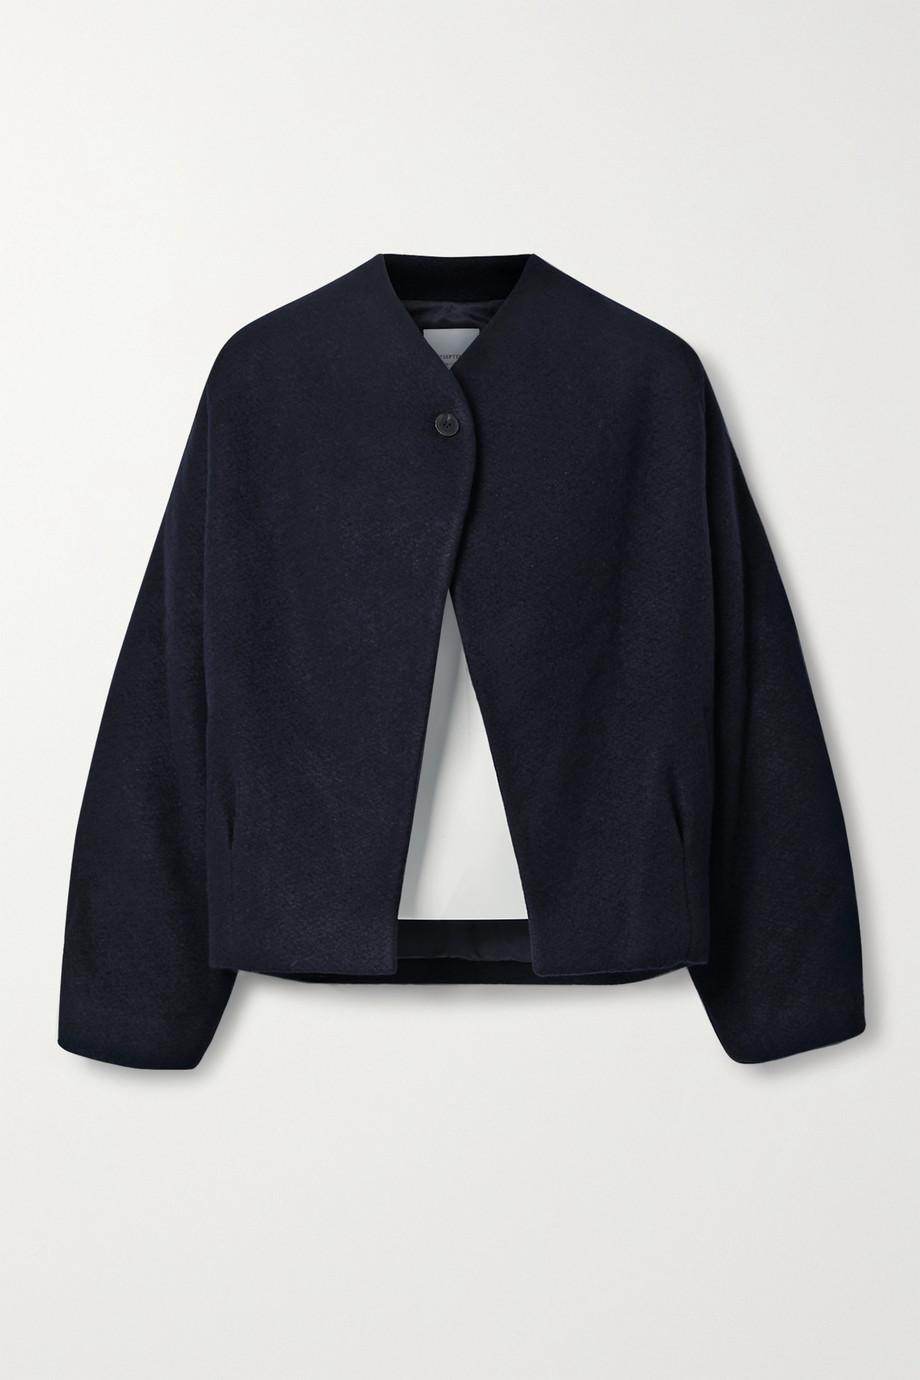 LE 17 SEPTEMBRE Wool and cashmere-blend bouclé jacket